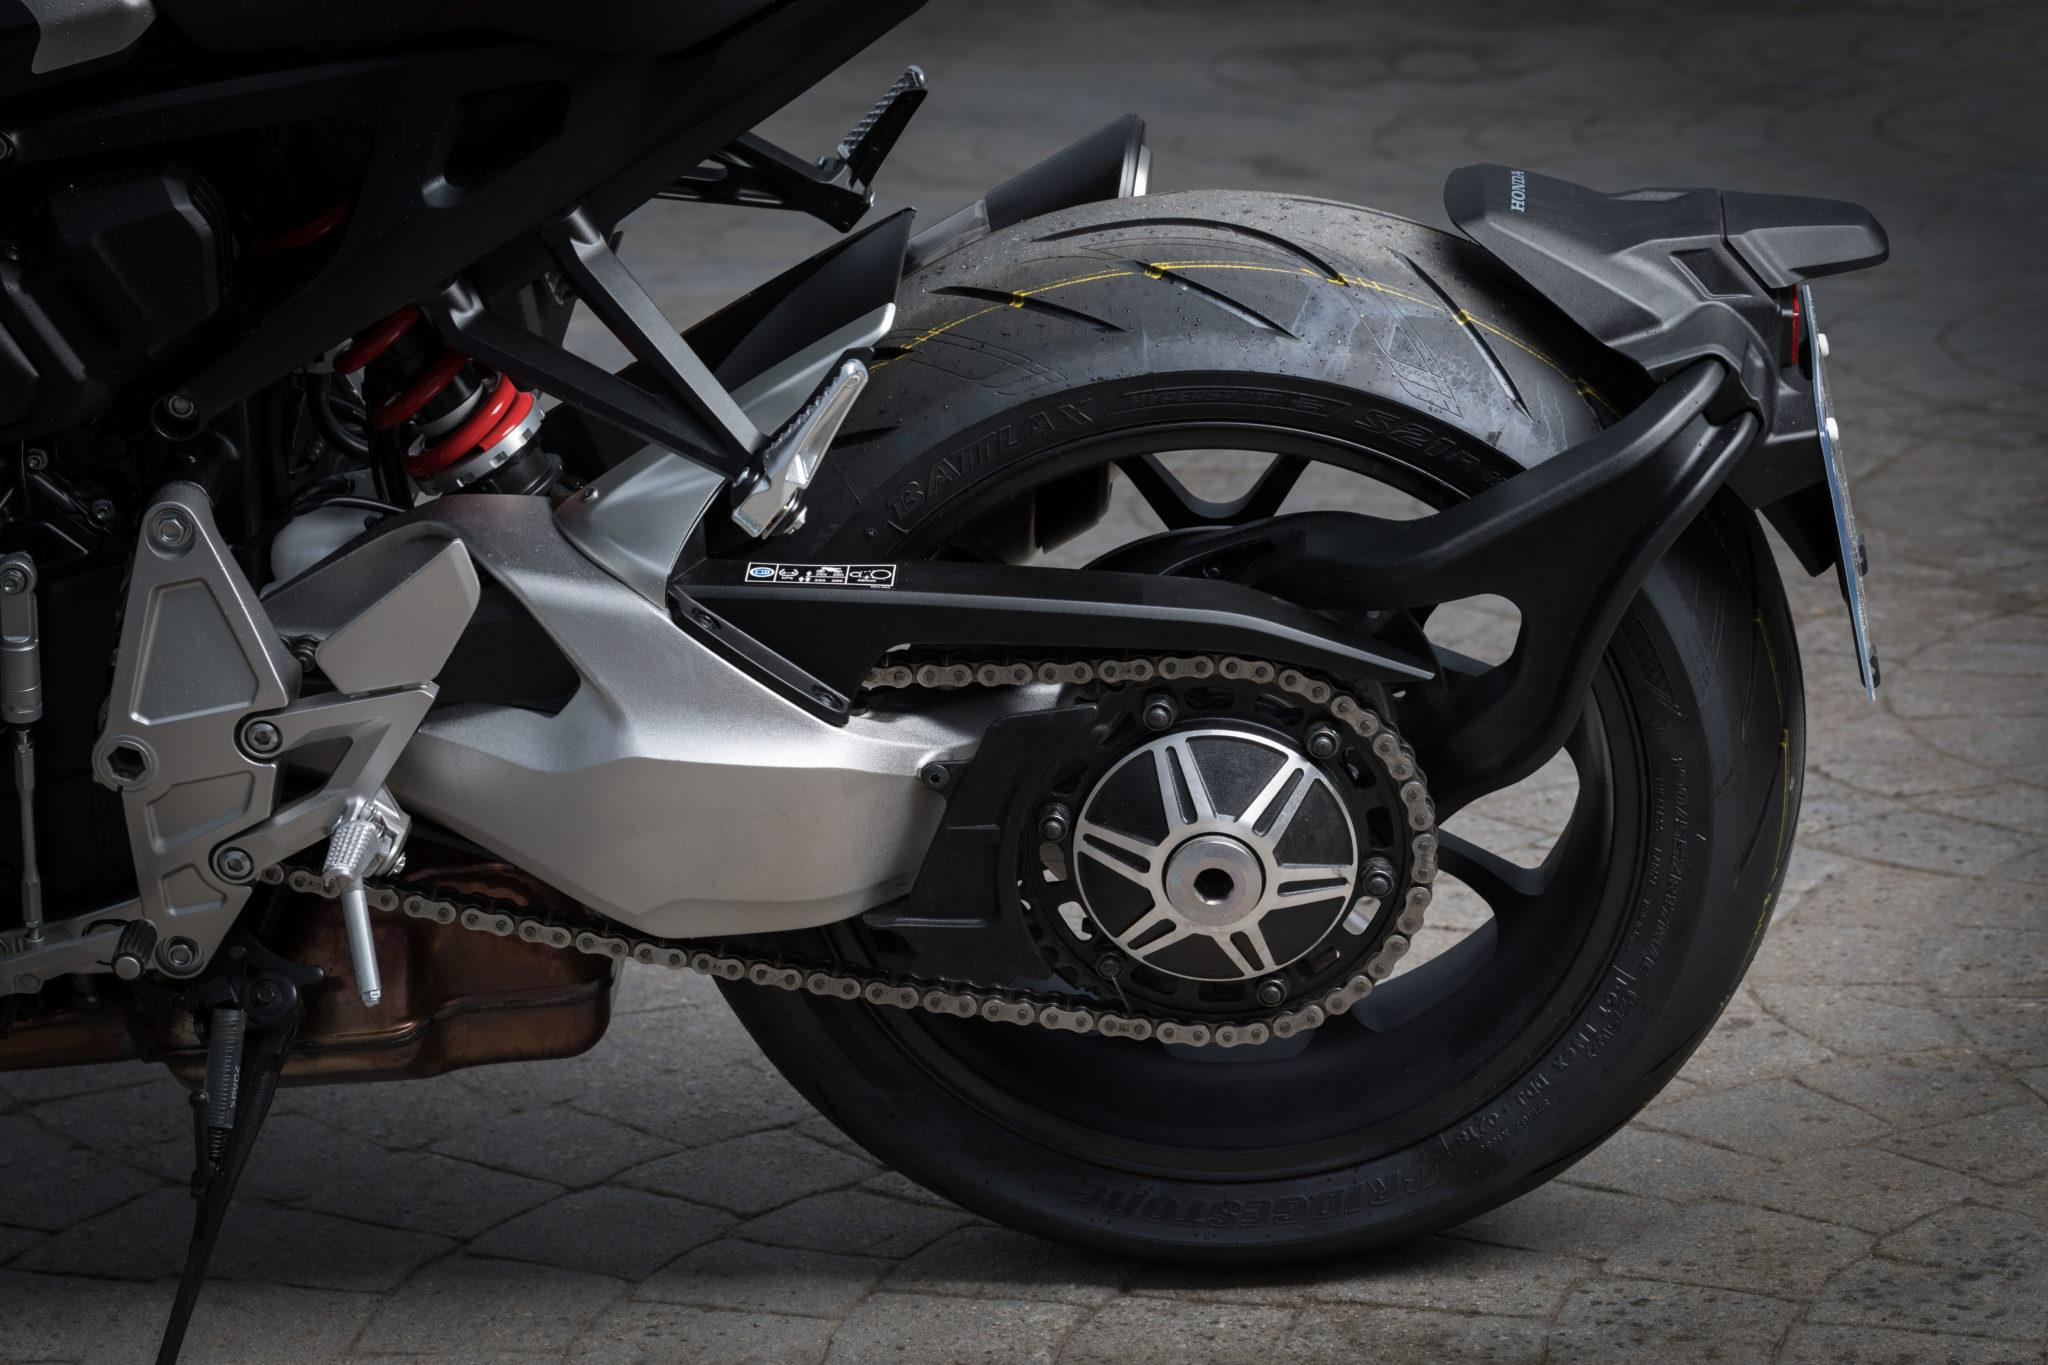 55180_Honda CB1000R YM18 185